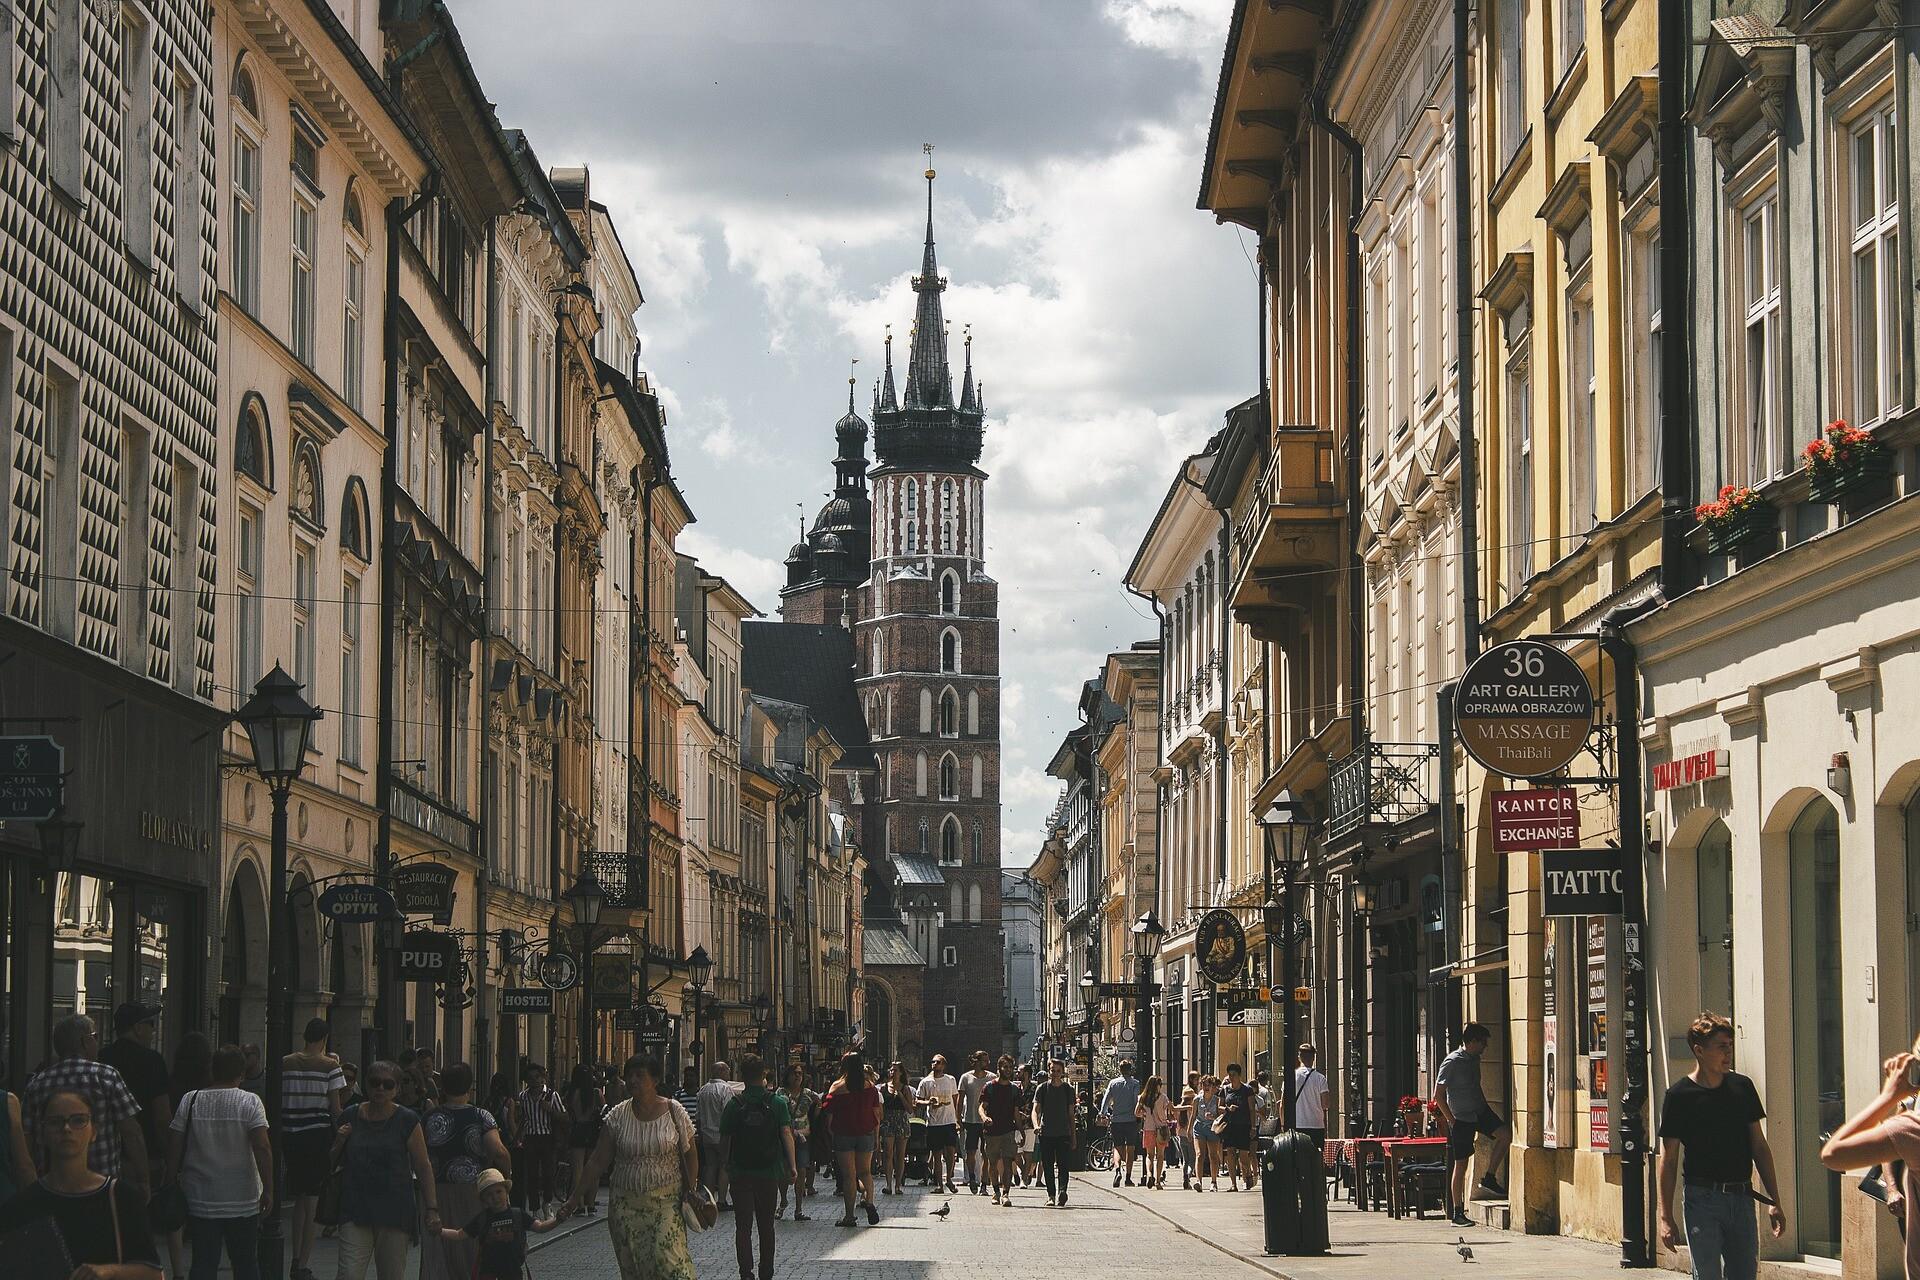 Scopri quali sono le migliori destinazioni Erasmus post-COVID